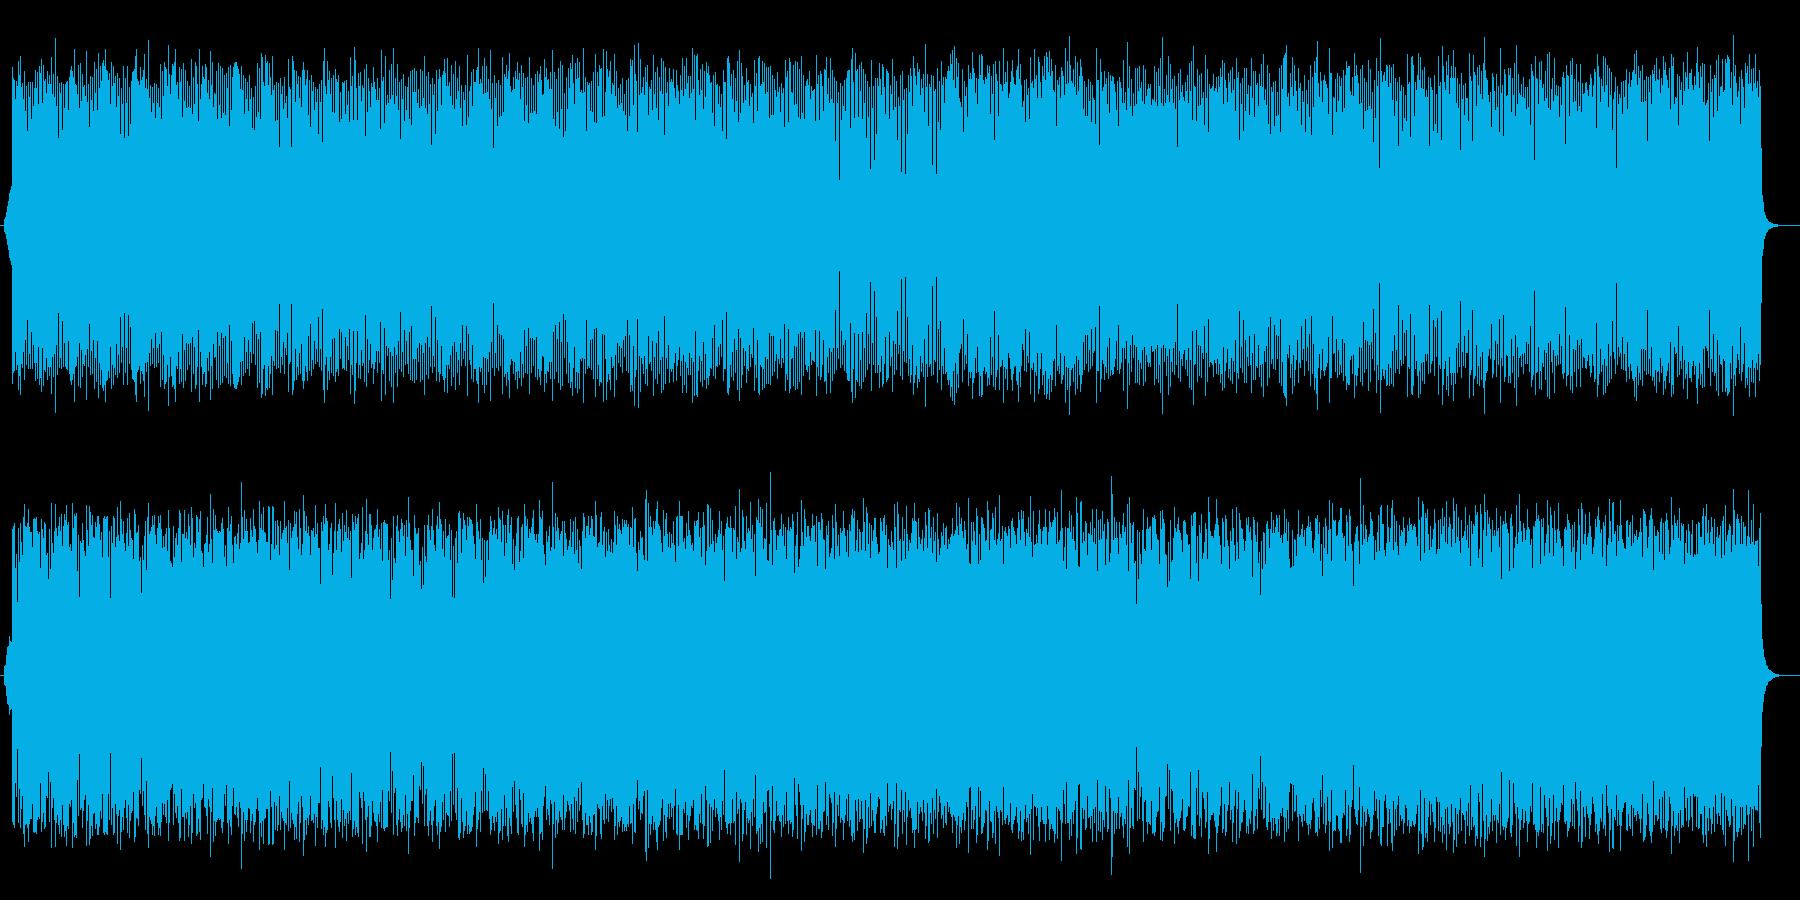 かっこよくリズミカルなミュージックの再生済みの波形